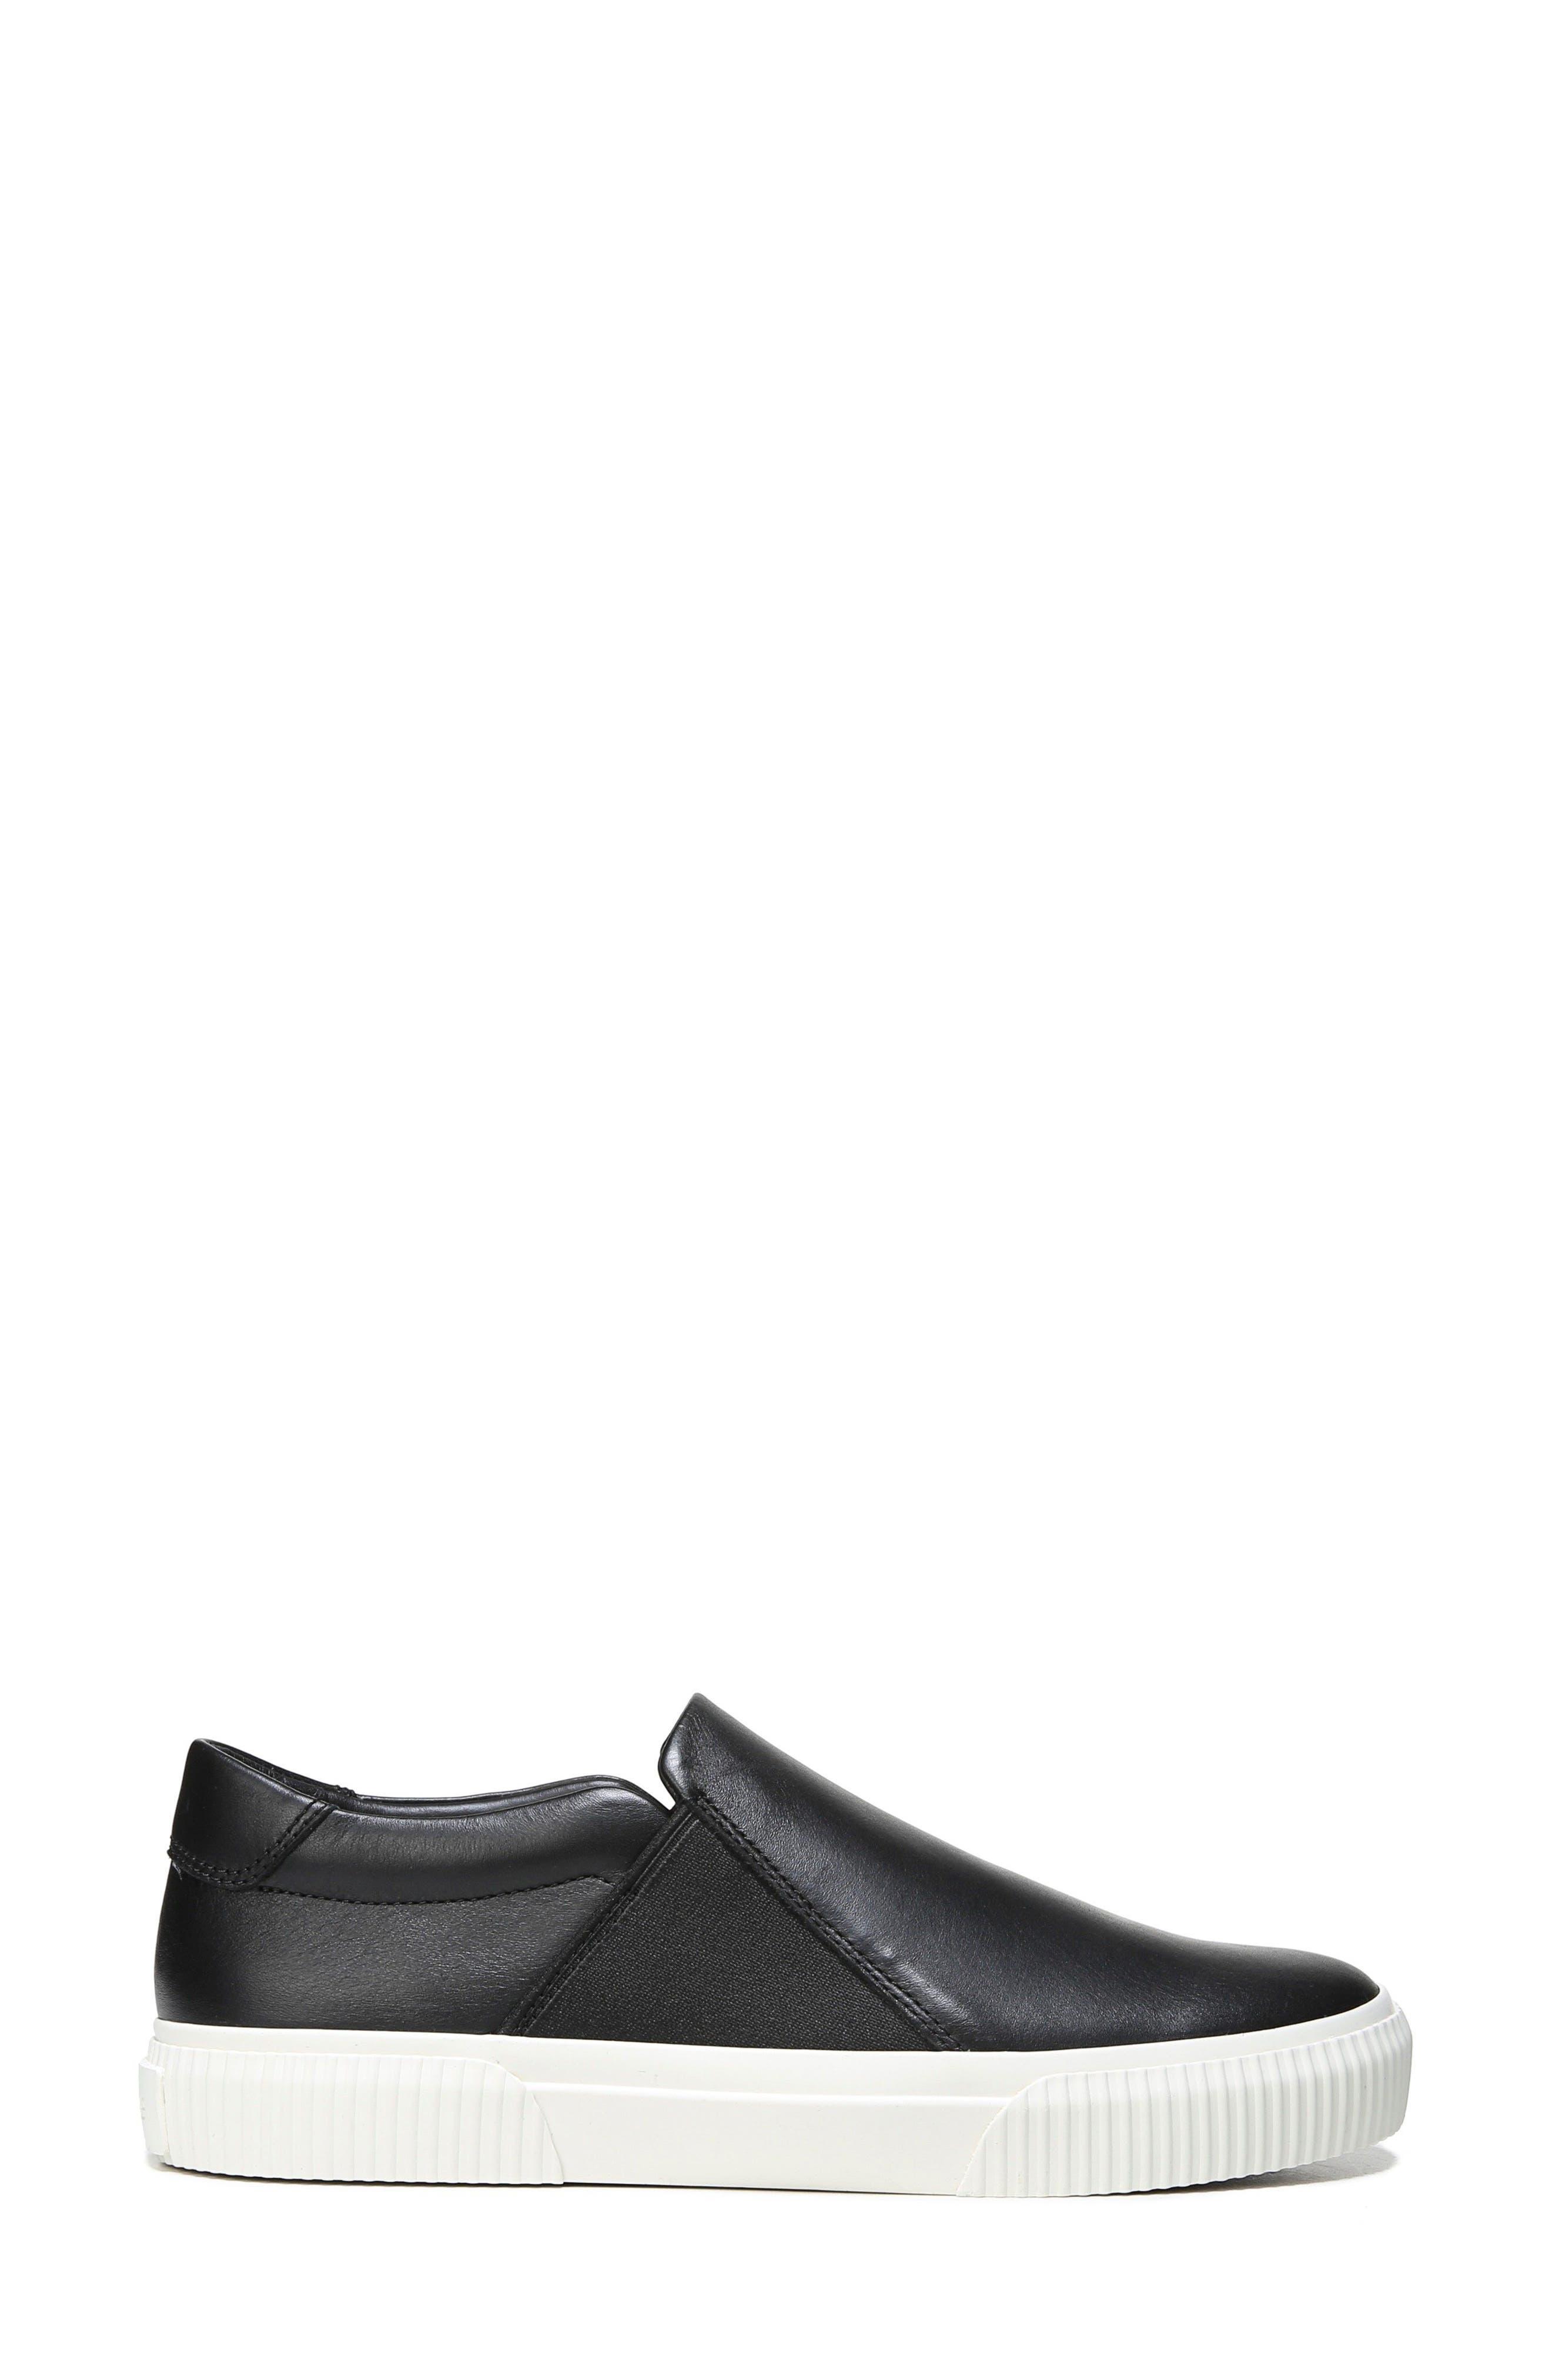 Knox Slip-On Sneaker,                             Alternate thumbnail 7, color,